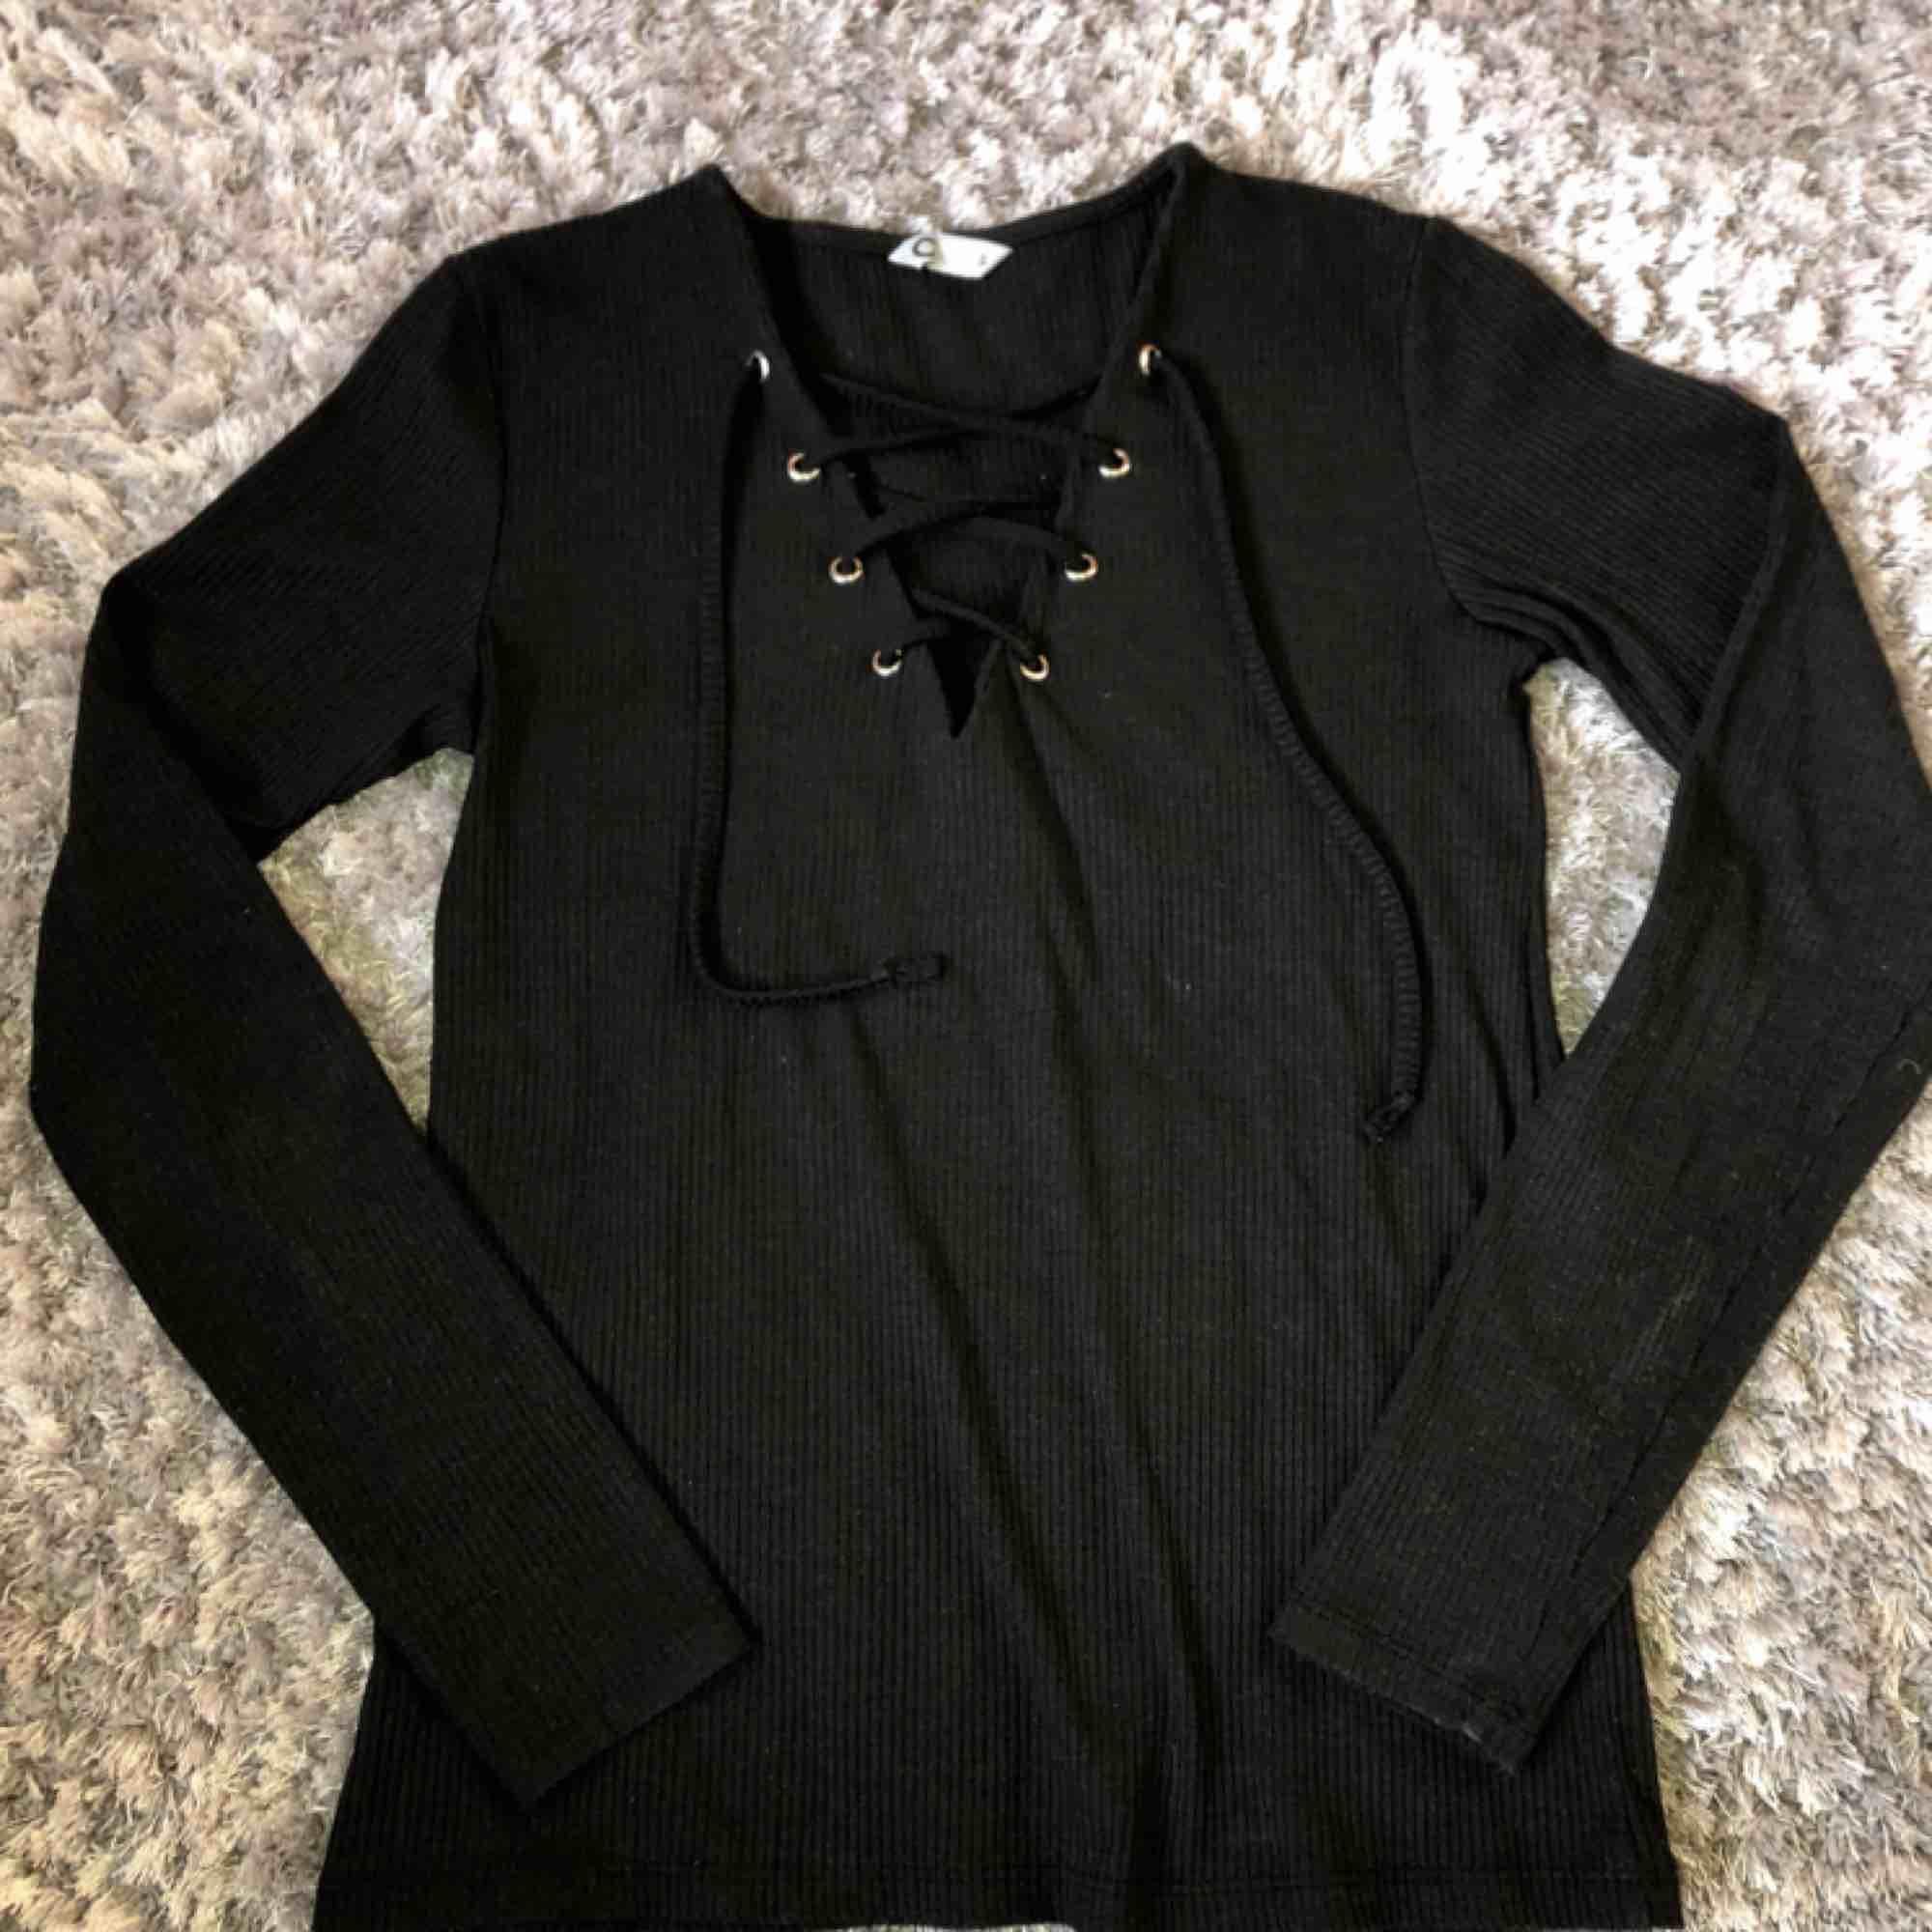 Nypris: 199kr. Storlek S. Knapp använda tröja som jag köpte förra året. Ribbat svart tyg med en snörning framtill.. Toppar.